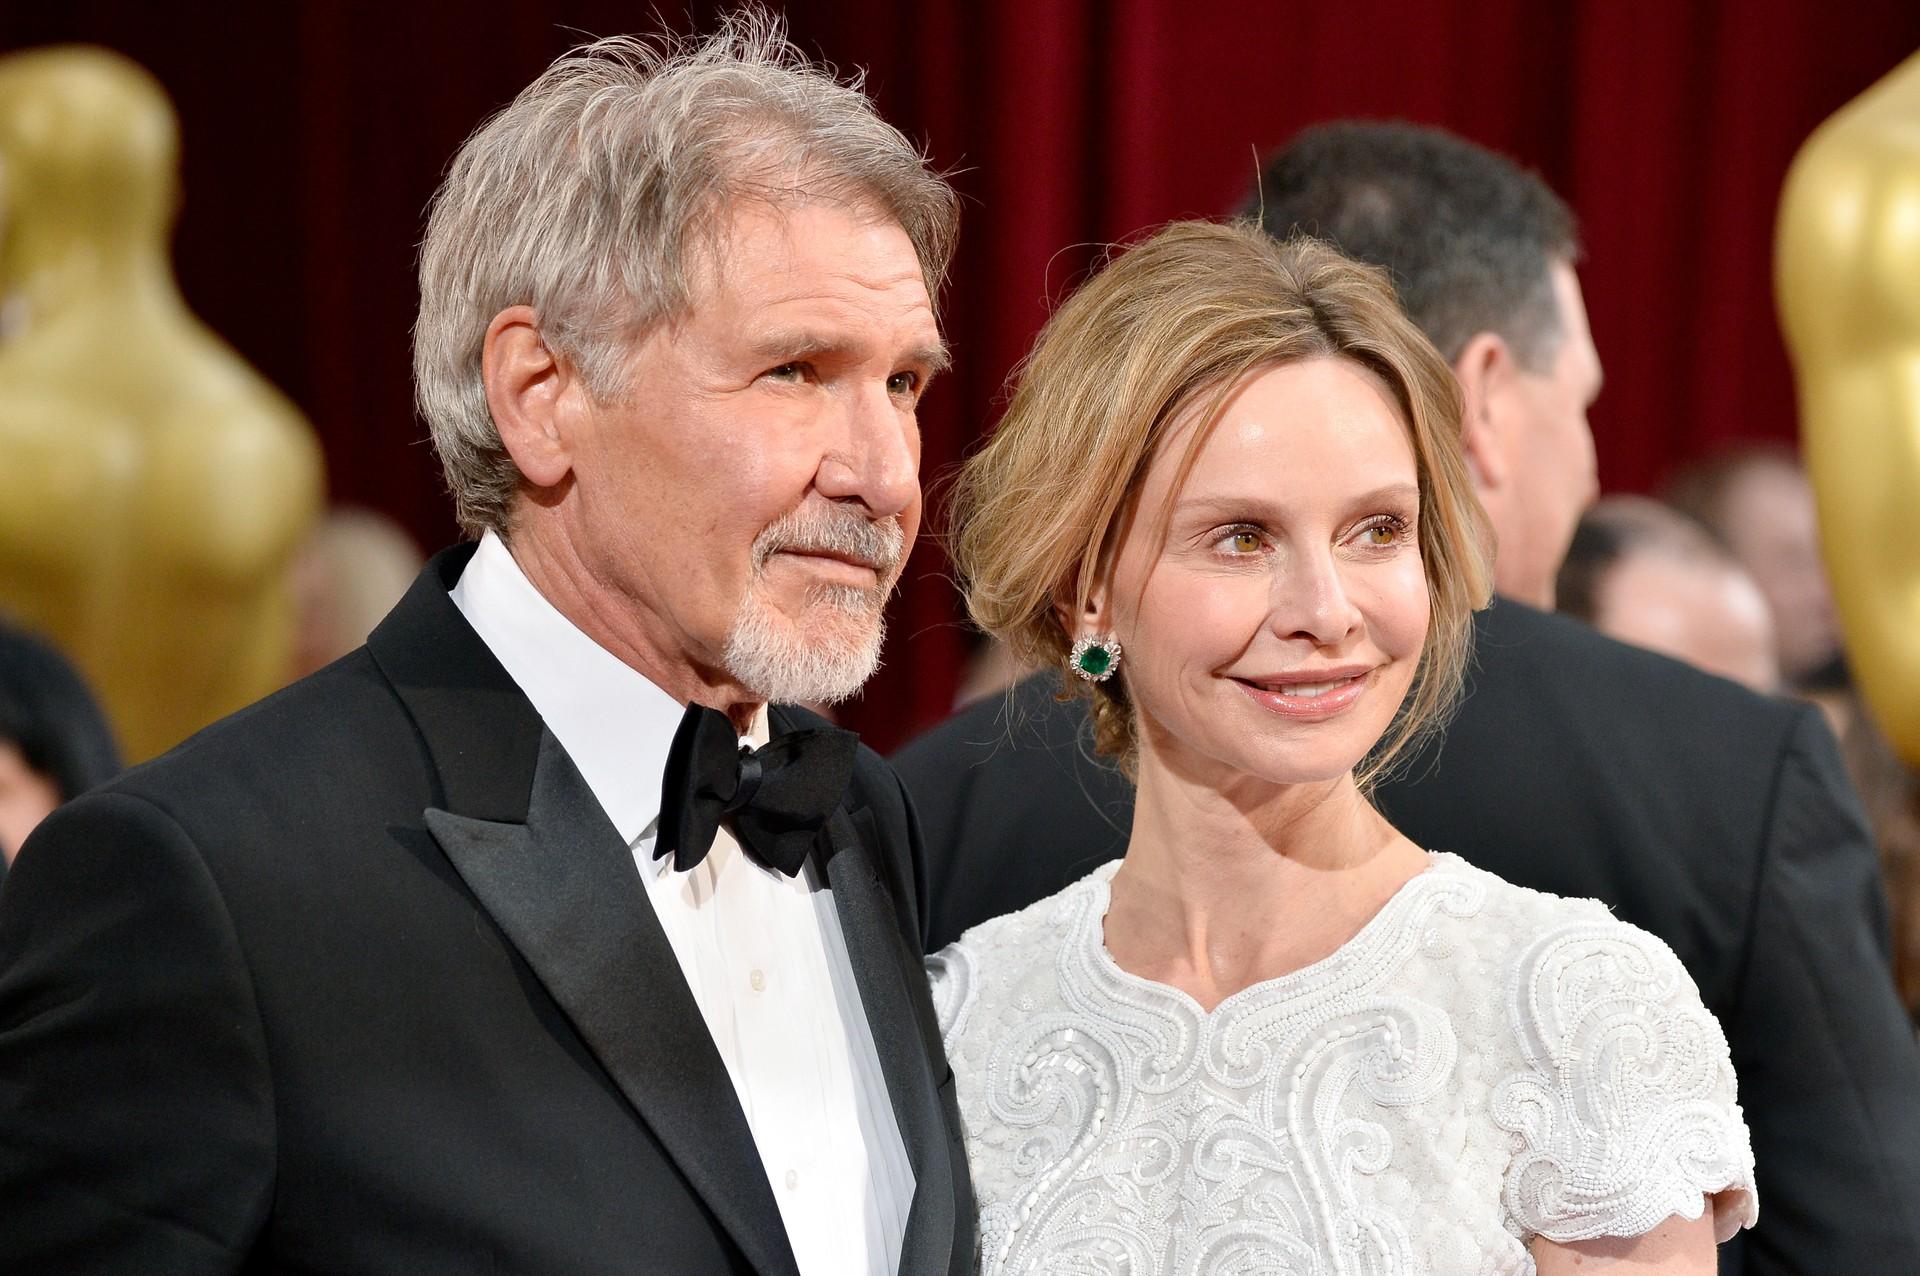 Os dois se conheceram durante o Globo de Ouro de 2002, e casaram-se em Santa Fé, no México, em 2010. (Foto: Getty Images)